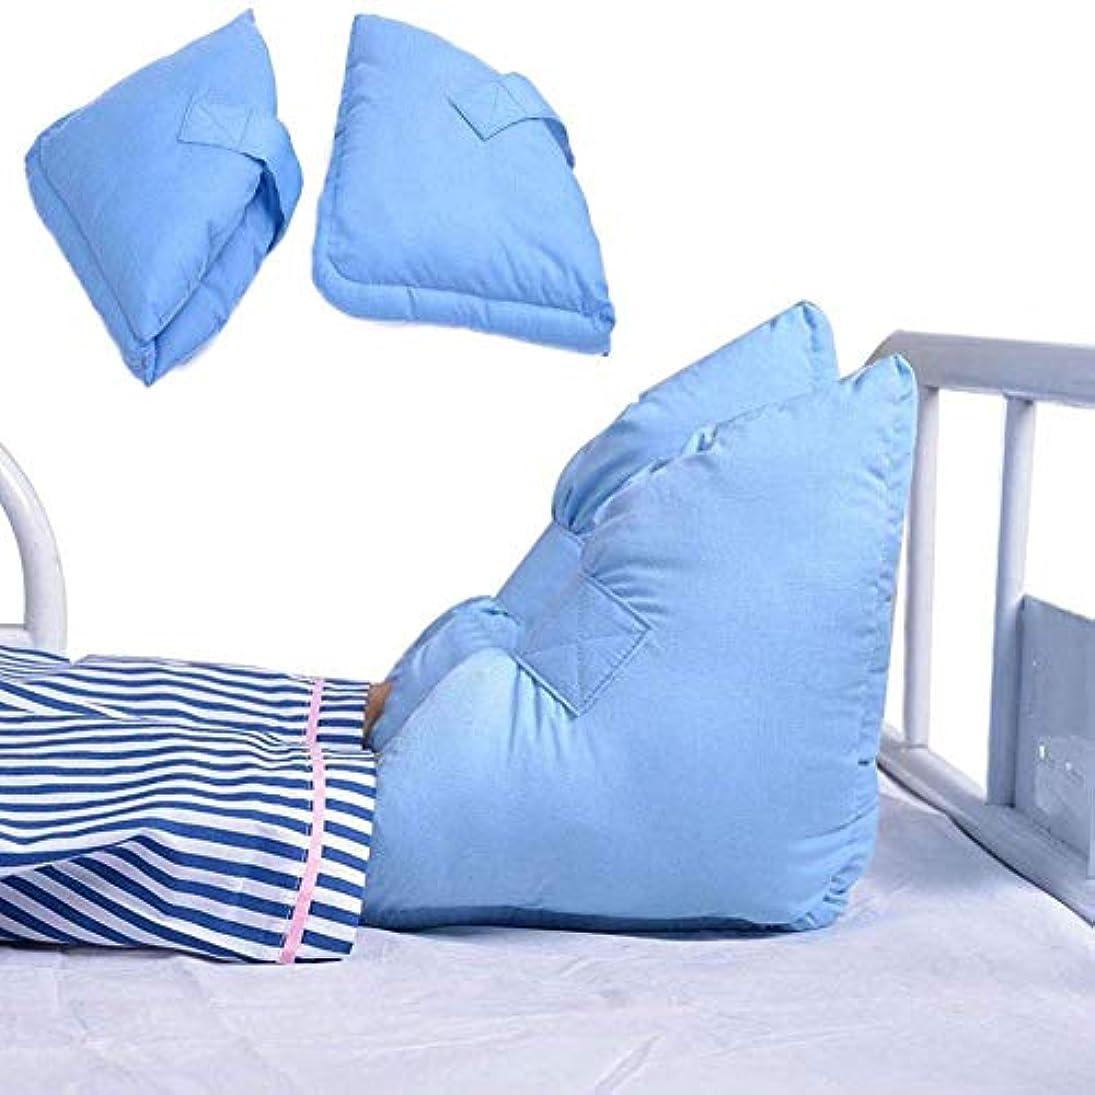 空いている略すふつう1ペア抗褥瘡ヒールプロテクター枕 - 男性と女性のための褥瘡とかかと潰瘍の軽減のための足首保護クッション